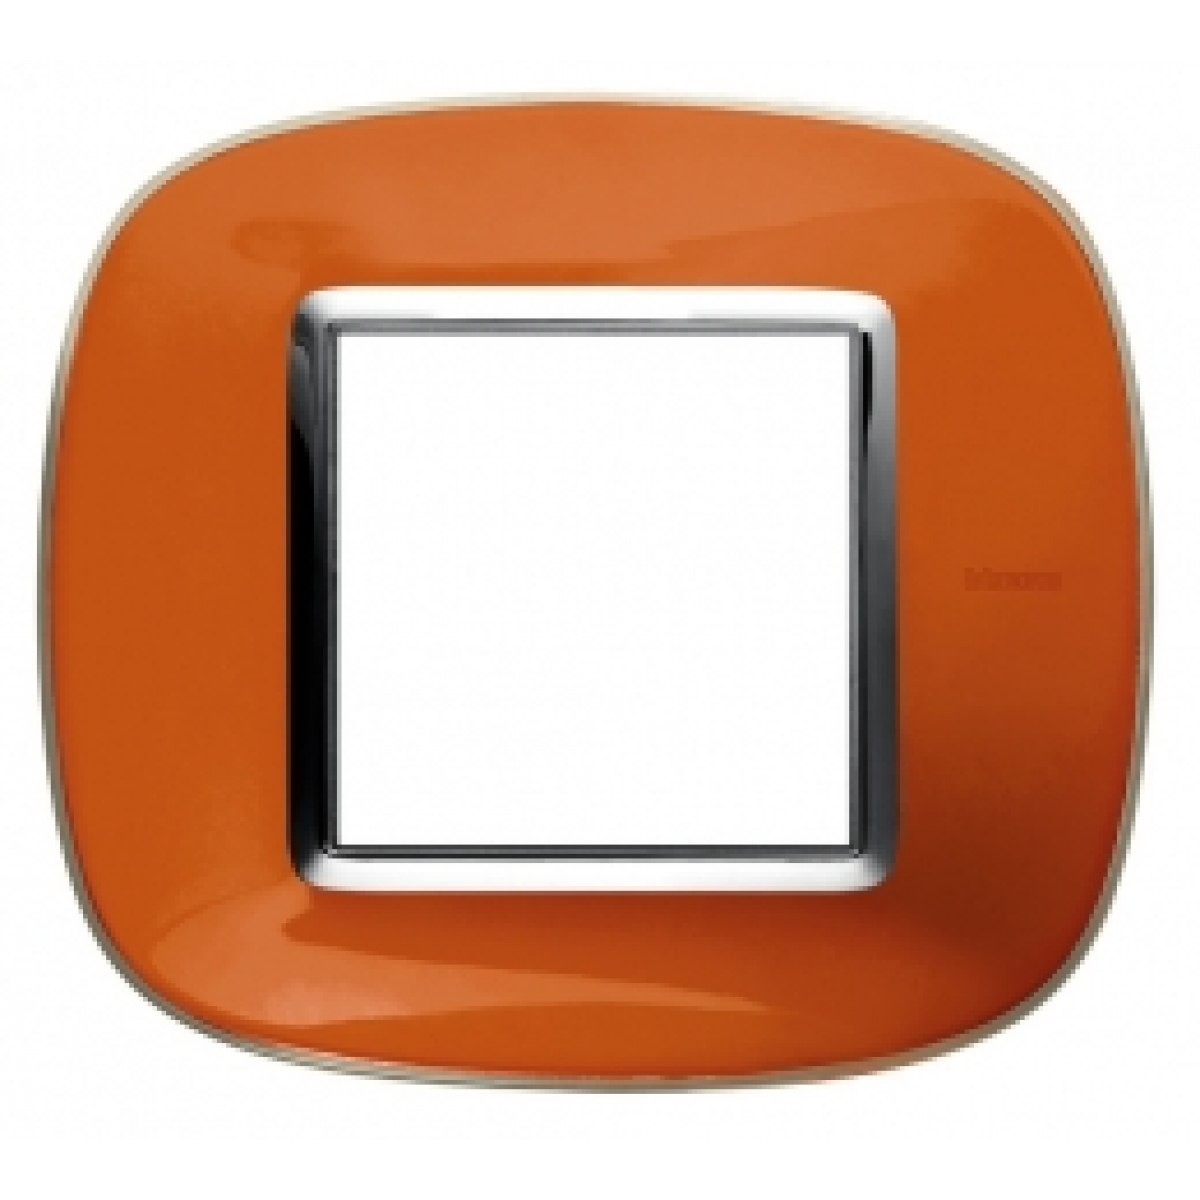 Placca Ovale 2 Posti Bticino Axolute Arancio Liquido HB4802DR